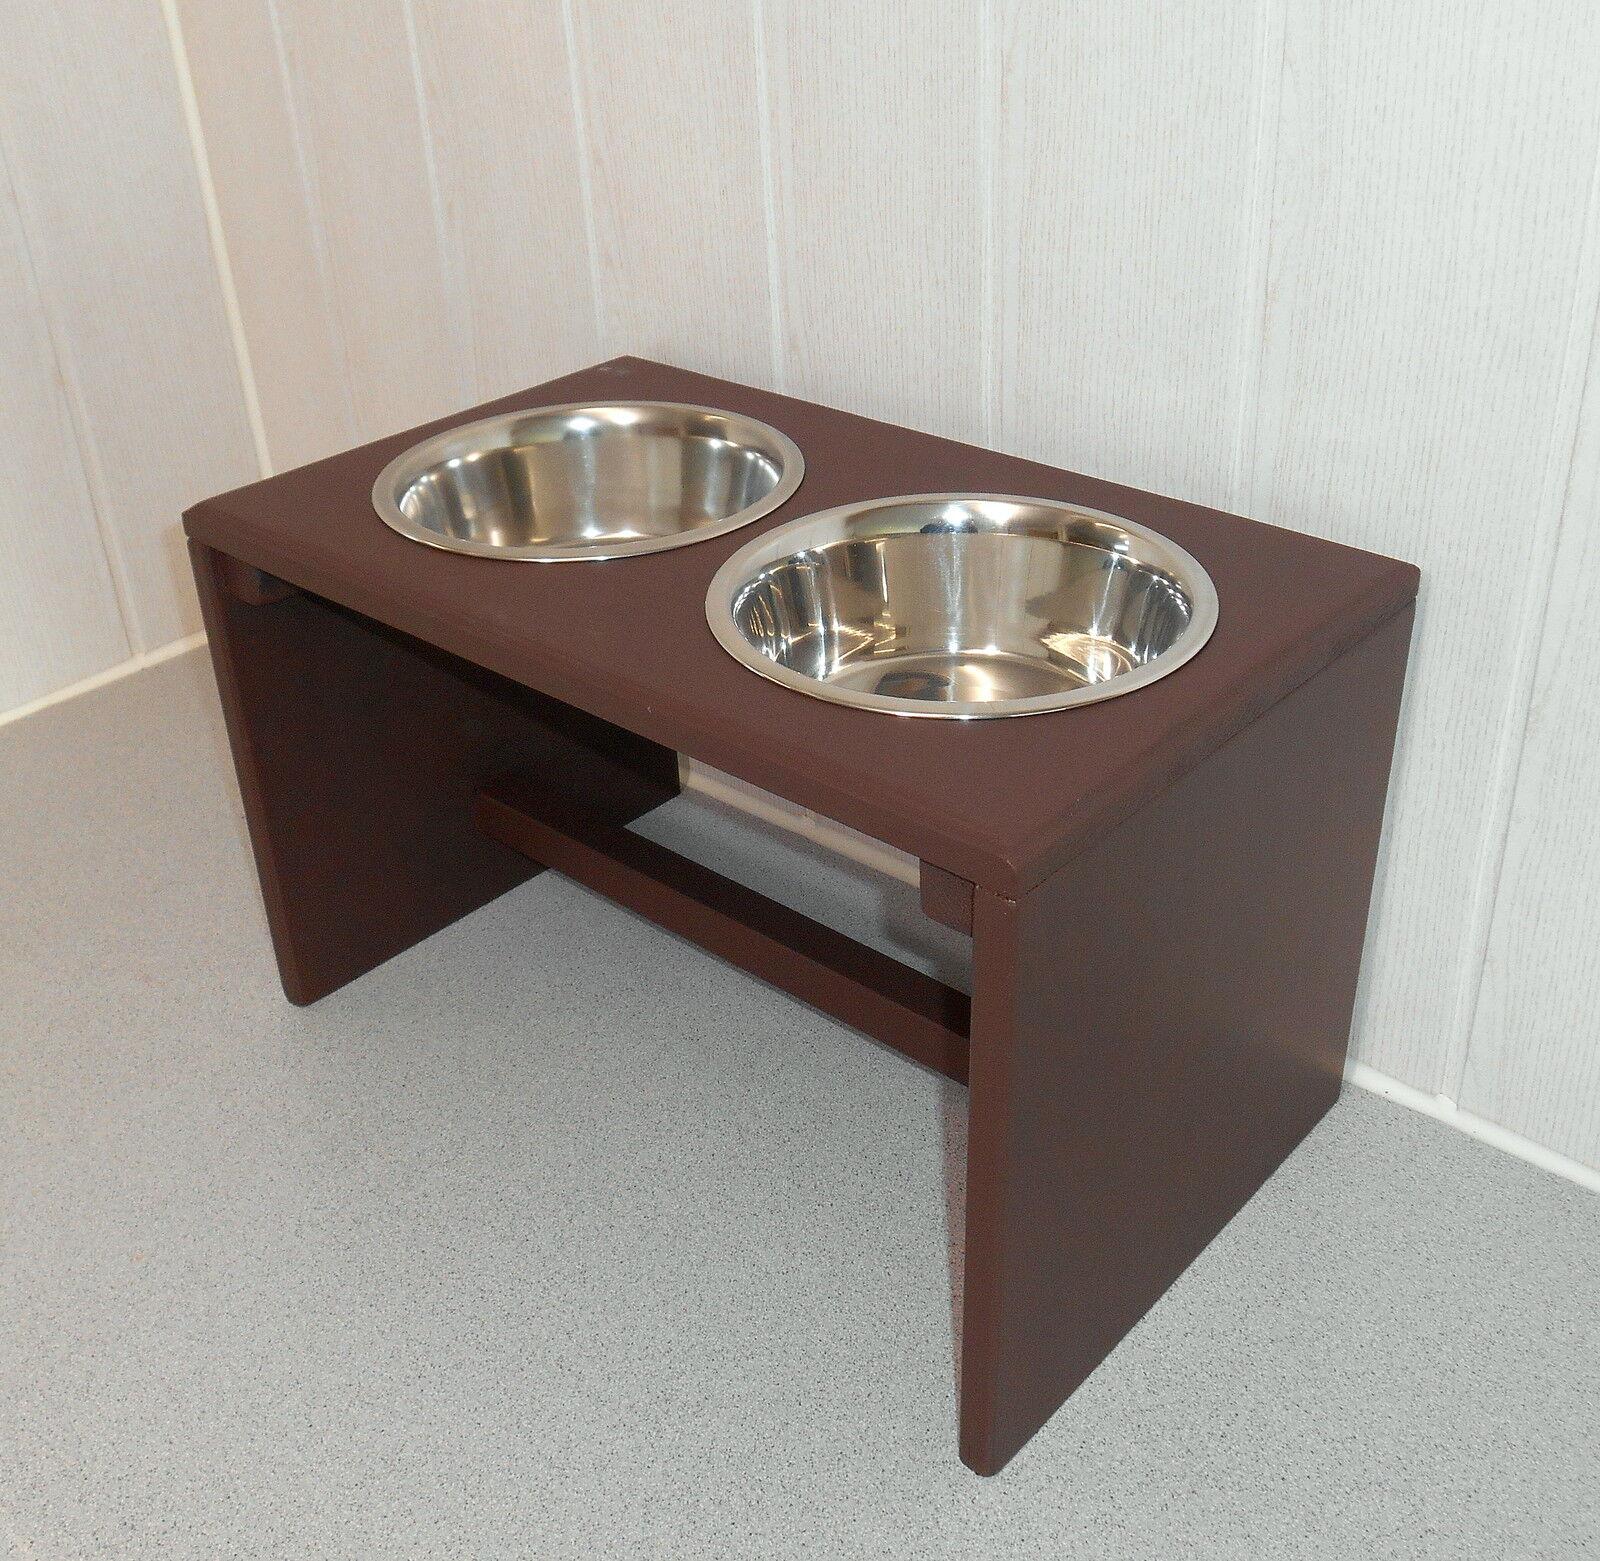 Hundenapf   Hundebar    braun. gr. Näpfe, Futterstation, Napfhalter (133)